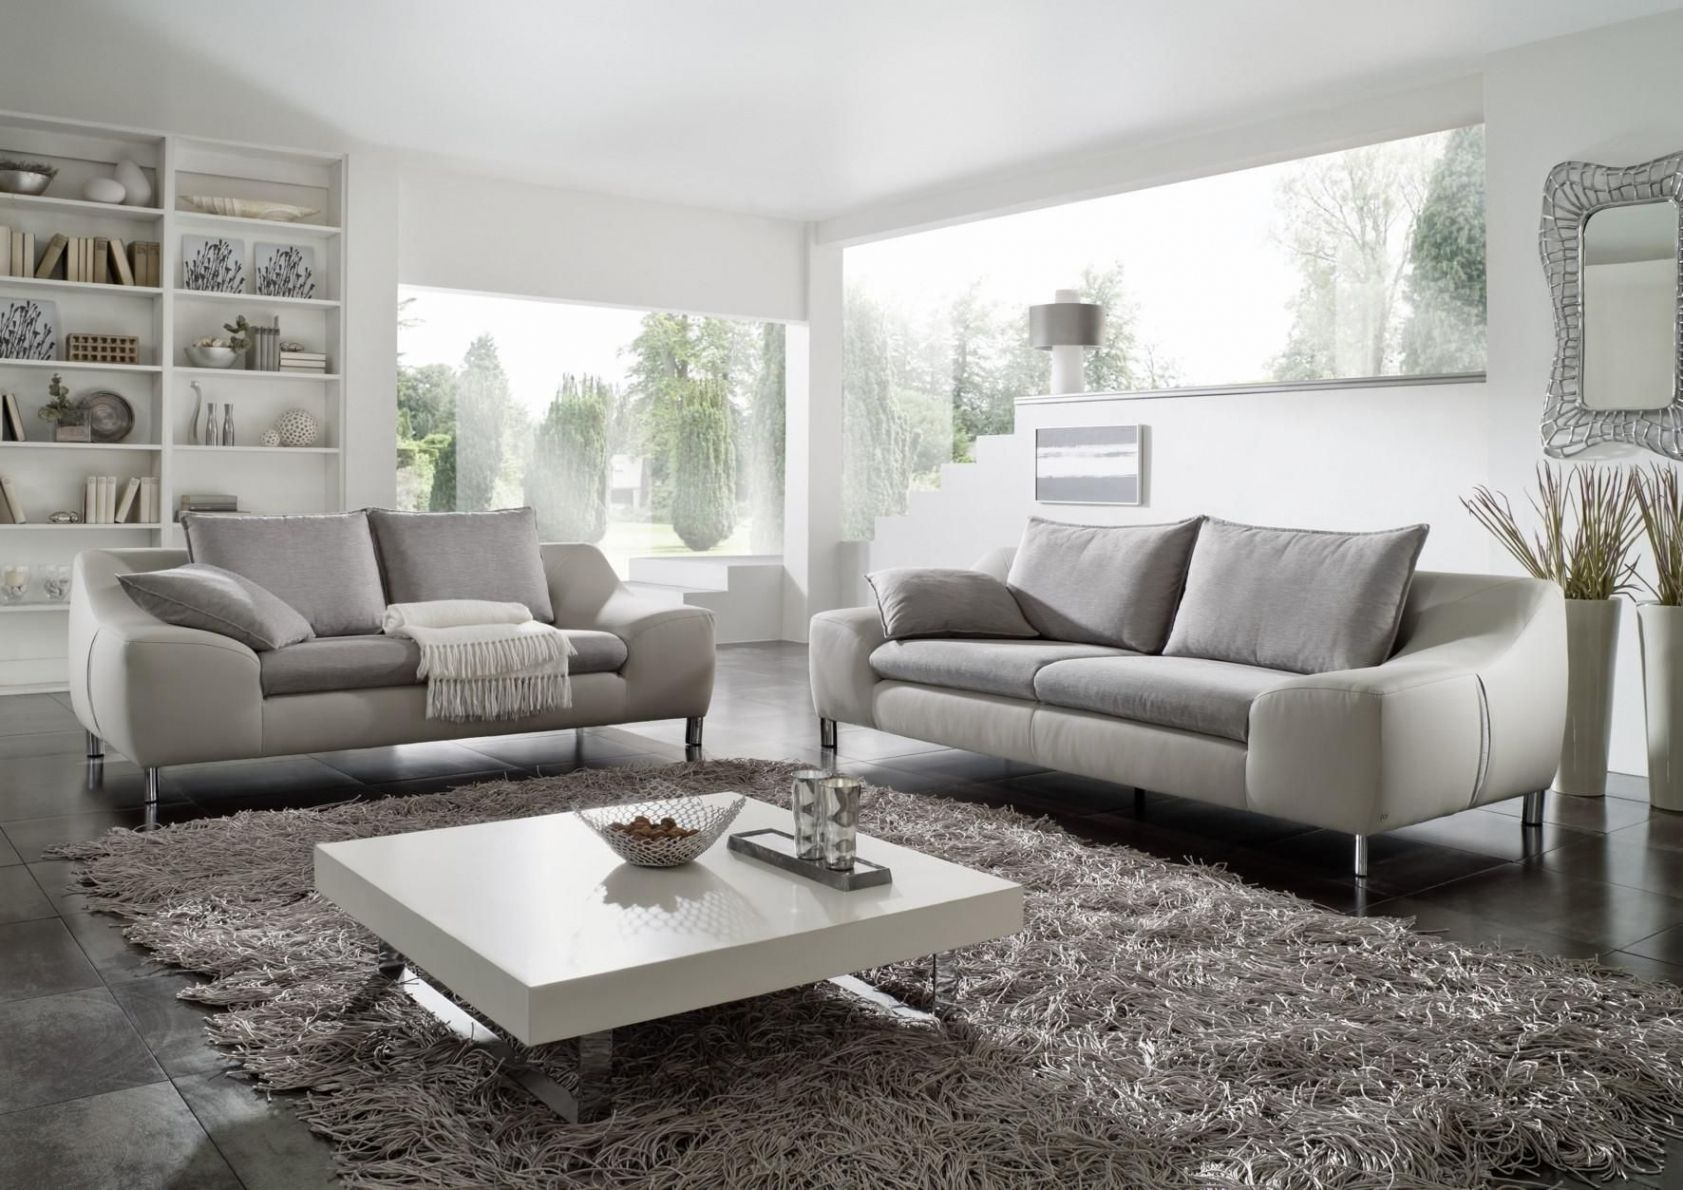 Beste Von Wohnzimmer Ideen Grau Beige | Wohnzimmer ideen ...